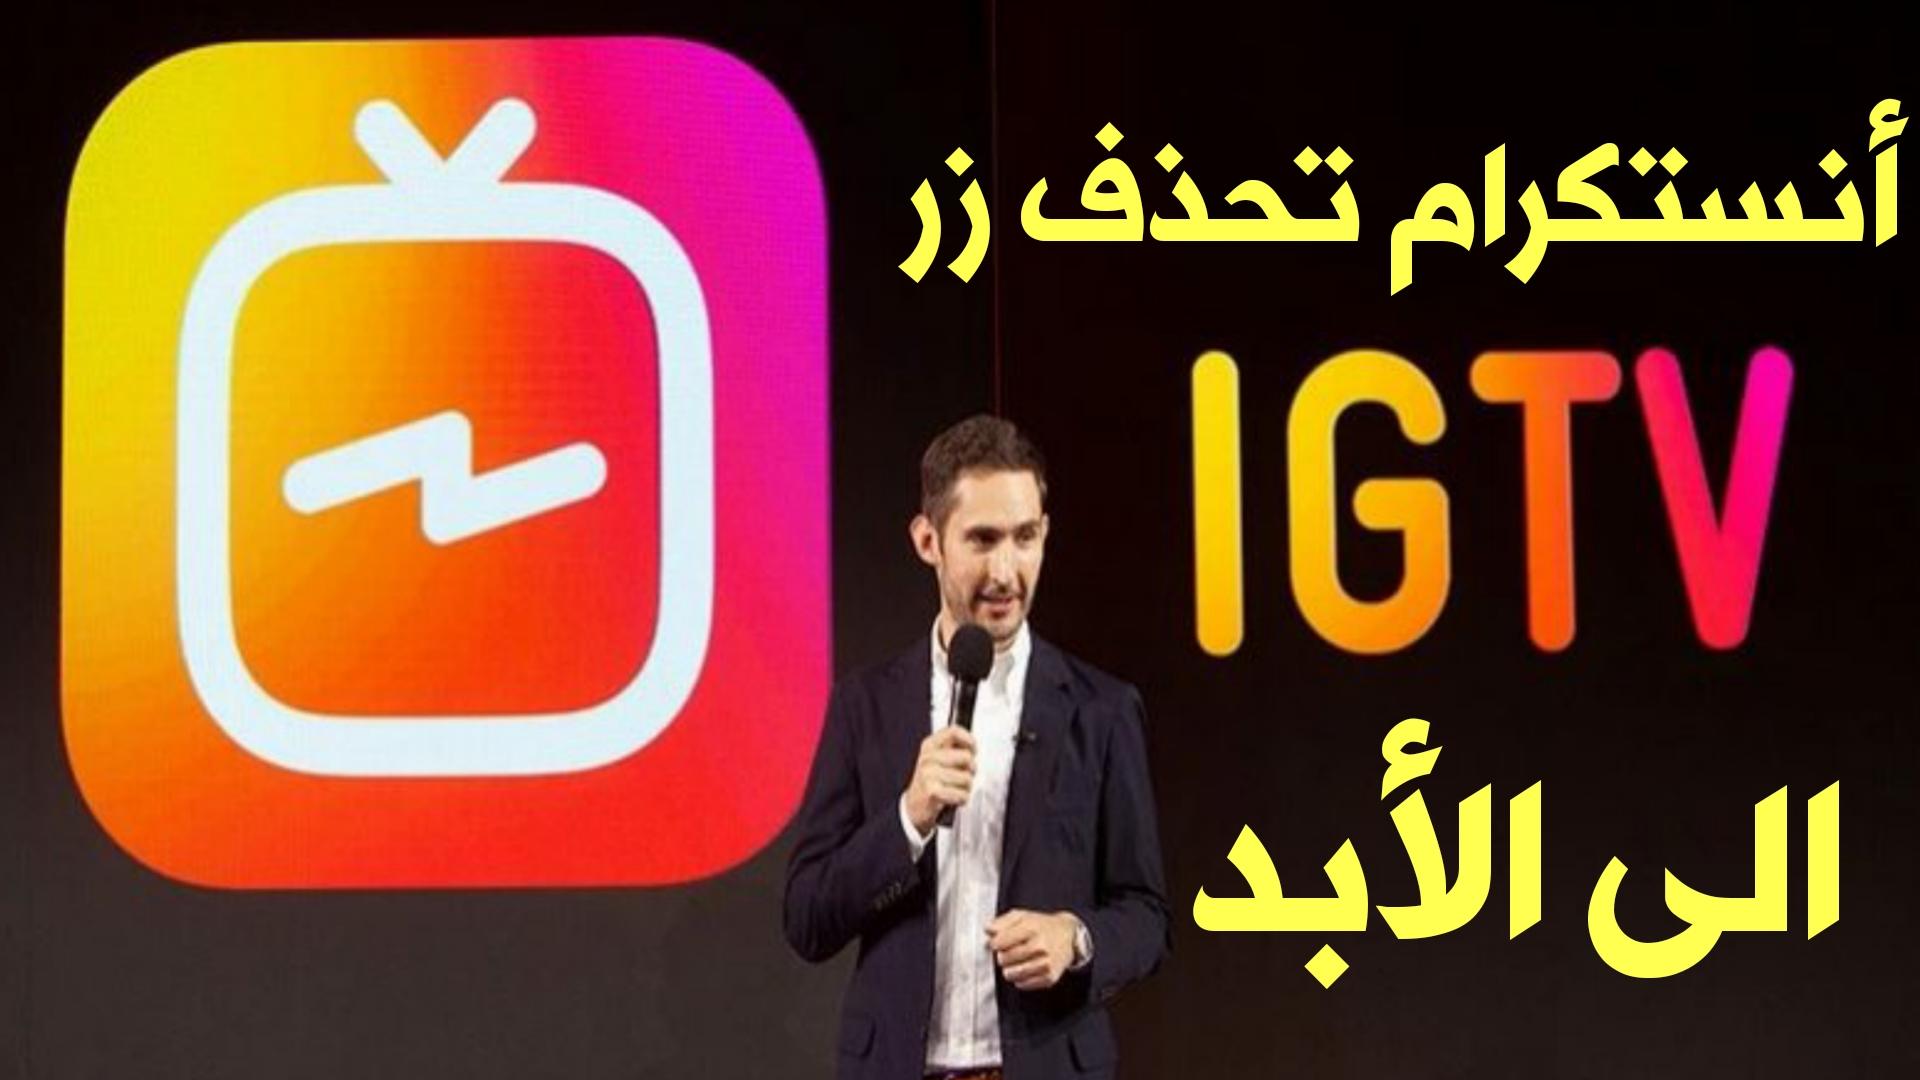 أنستكرام يحذف ميزة IGTV من على التطبيق والتي لم يستخدمها الكثير